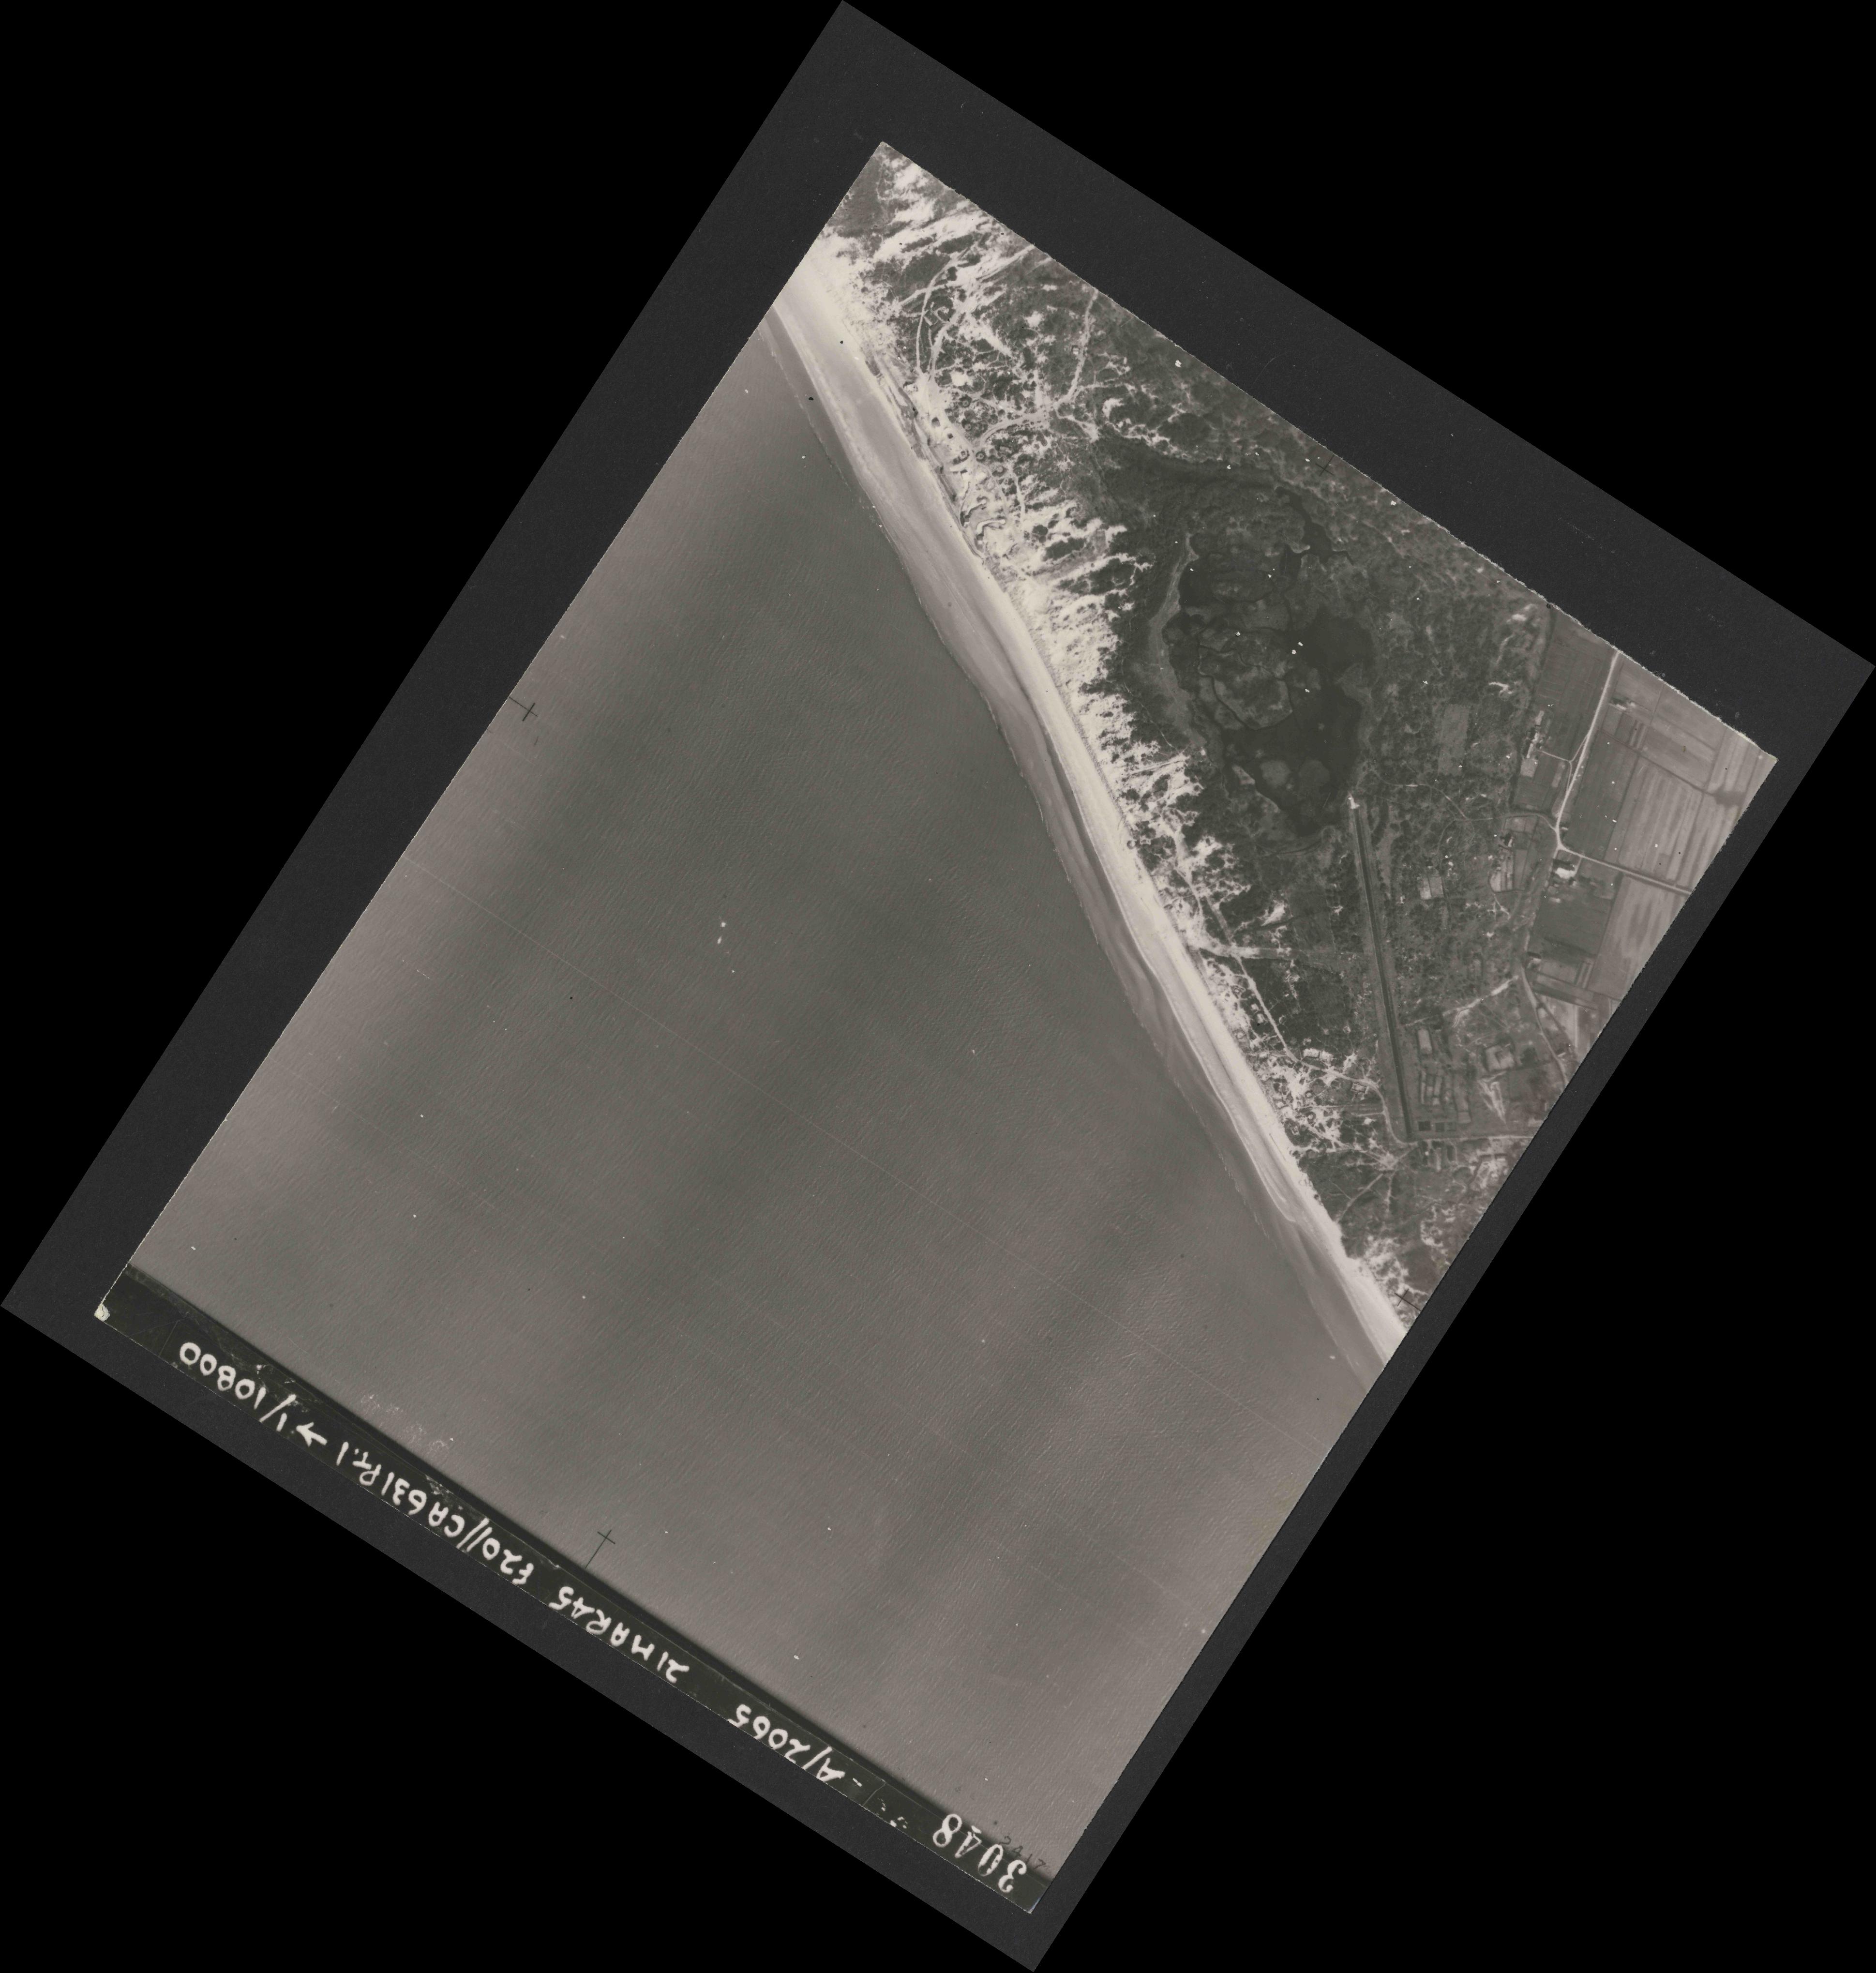 Collection RAF aerial photos 1940-1945 - flight 308, run 05, photo 3048